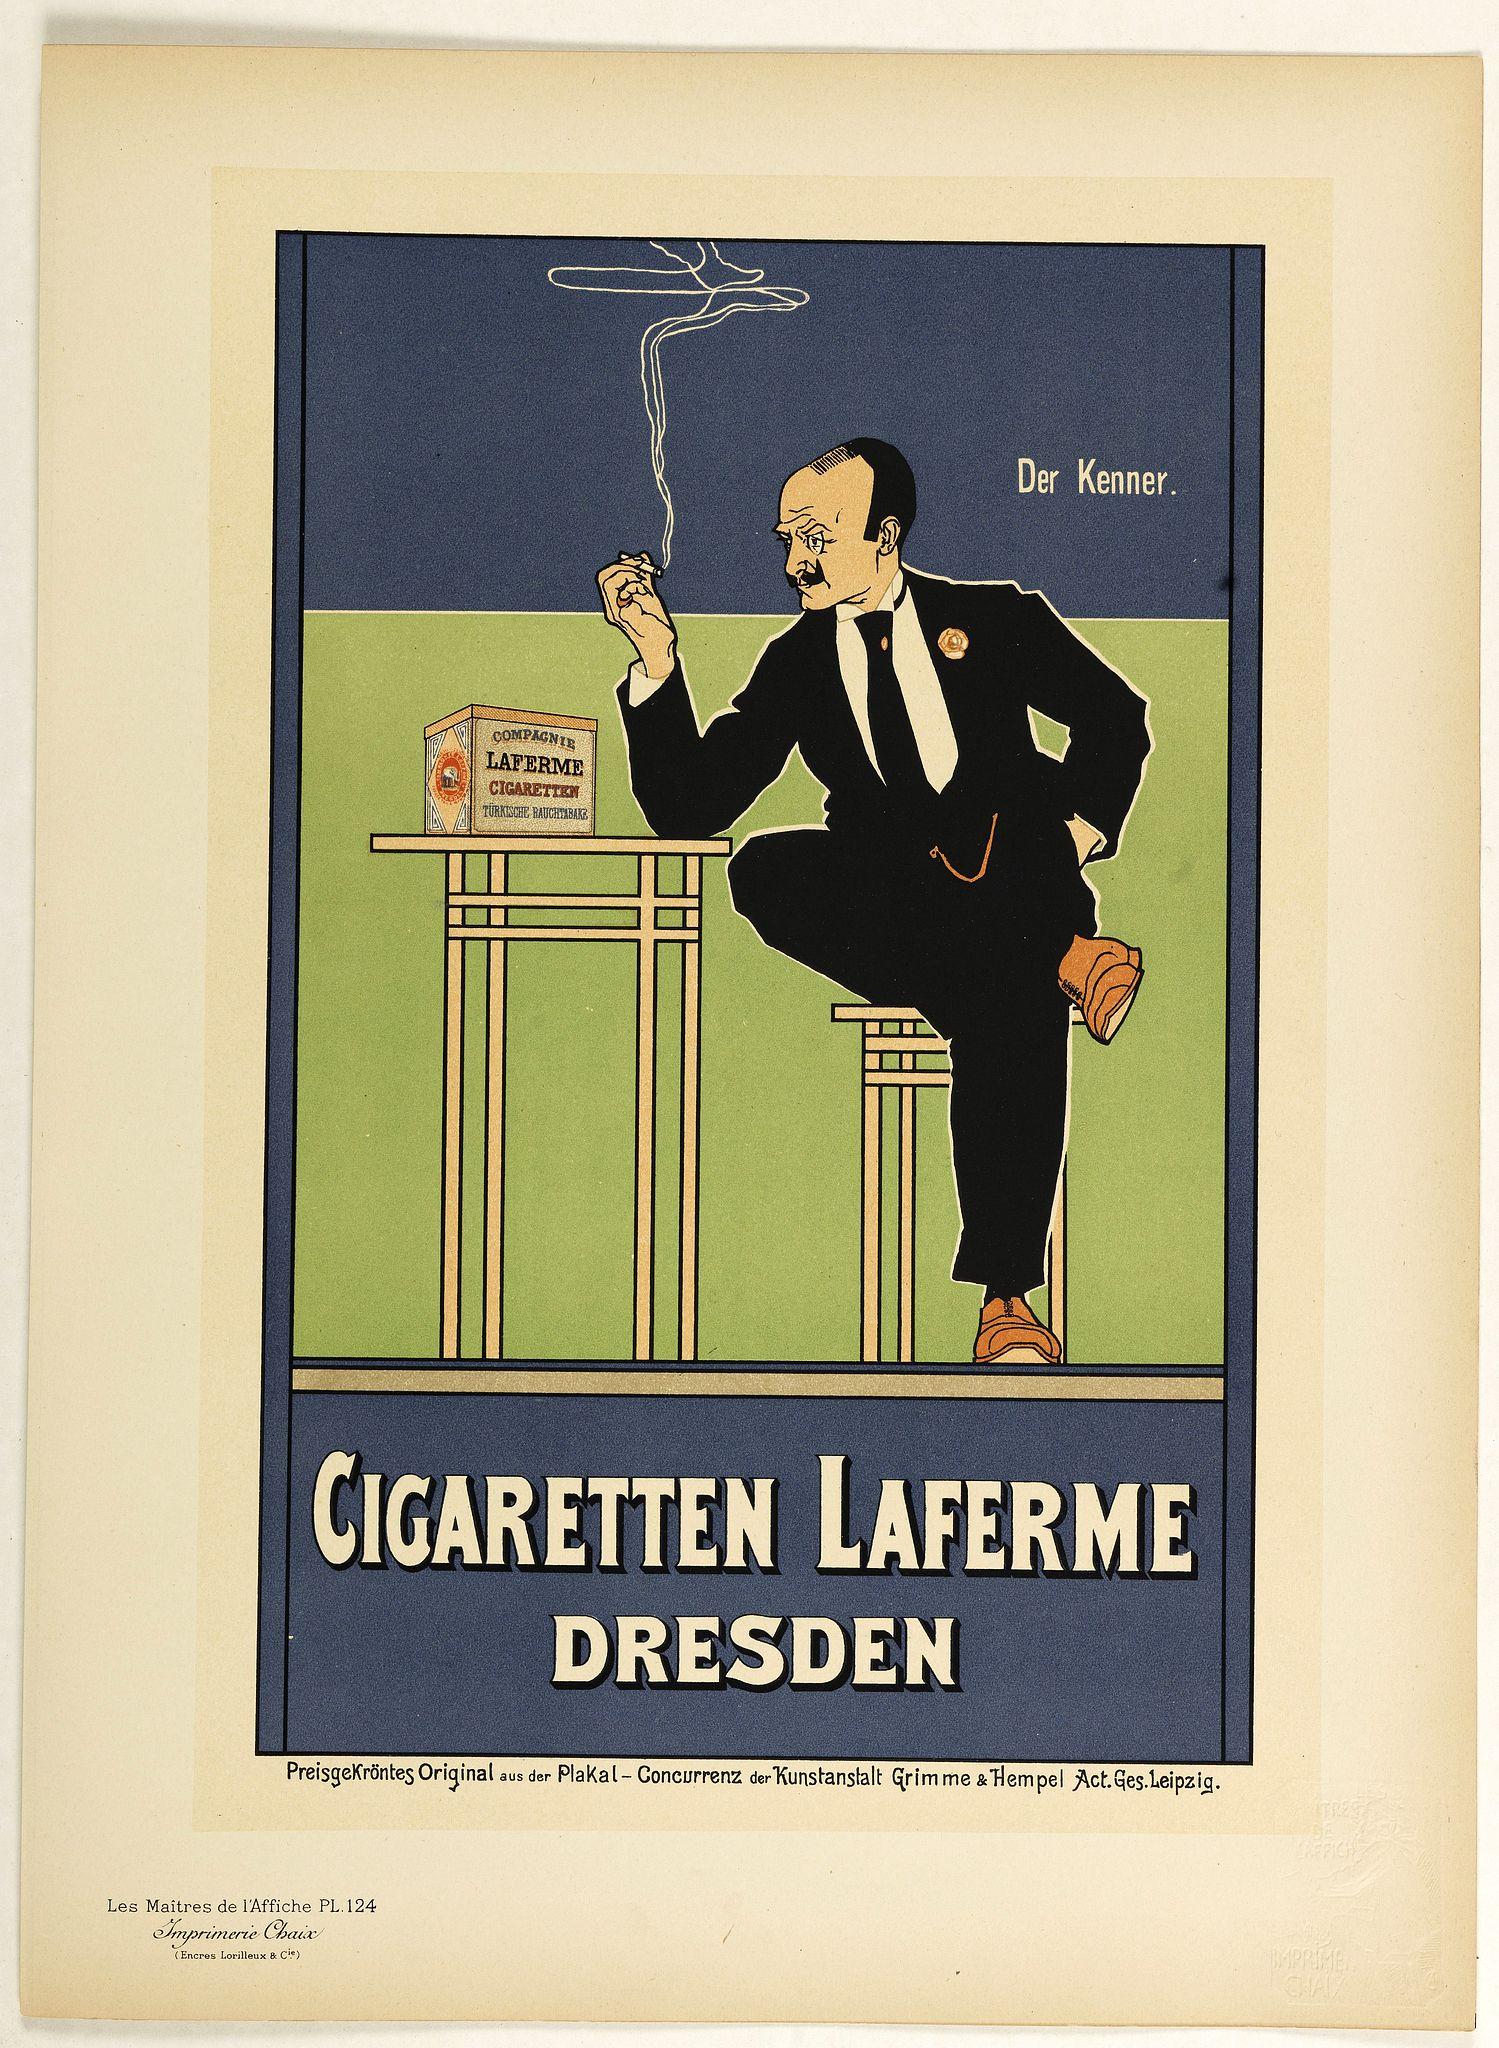 LES MAITRES DE L'AFFICHE -  Cigaretten Laferme Dresden.